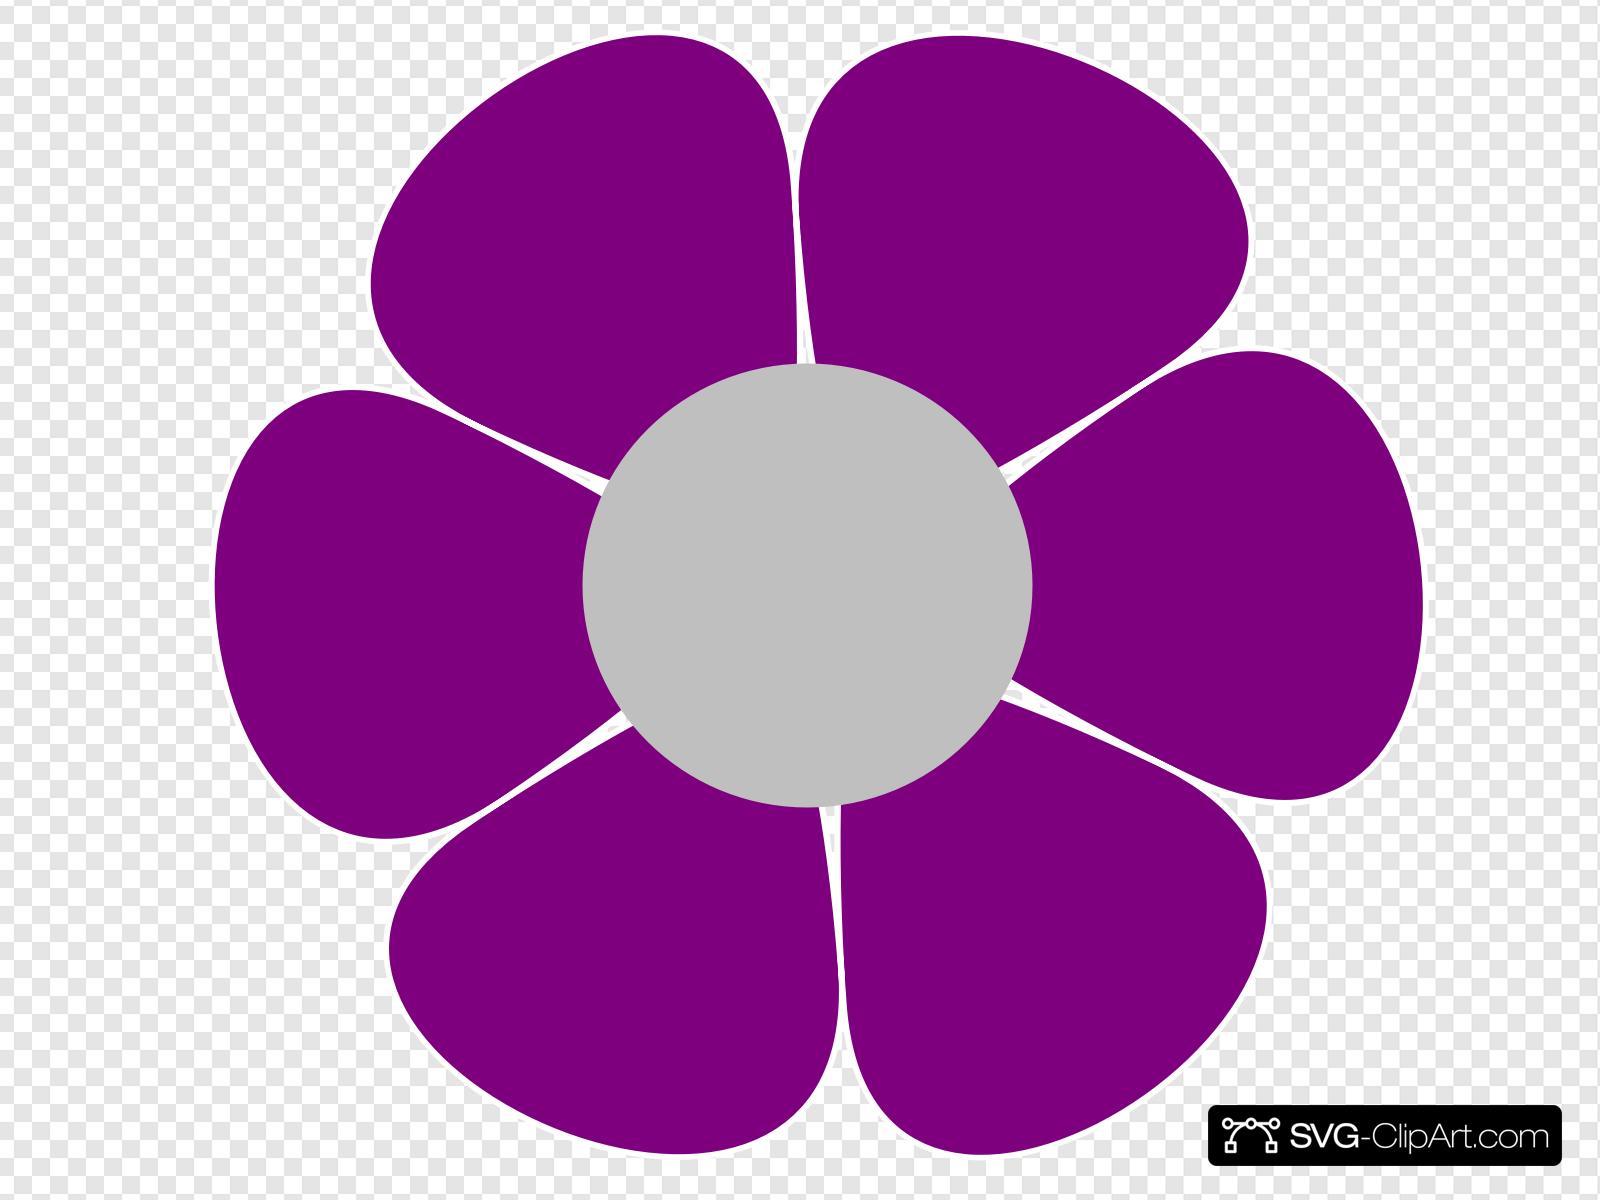 Hippie clipart svg. Flower clip art icon